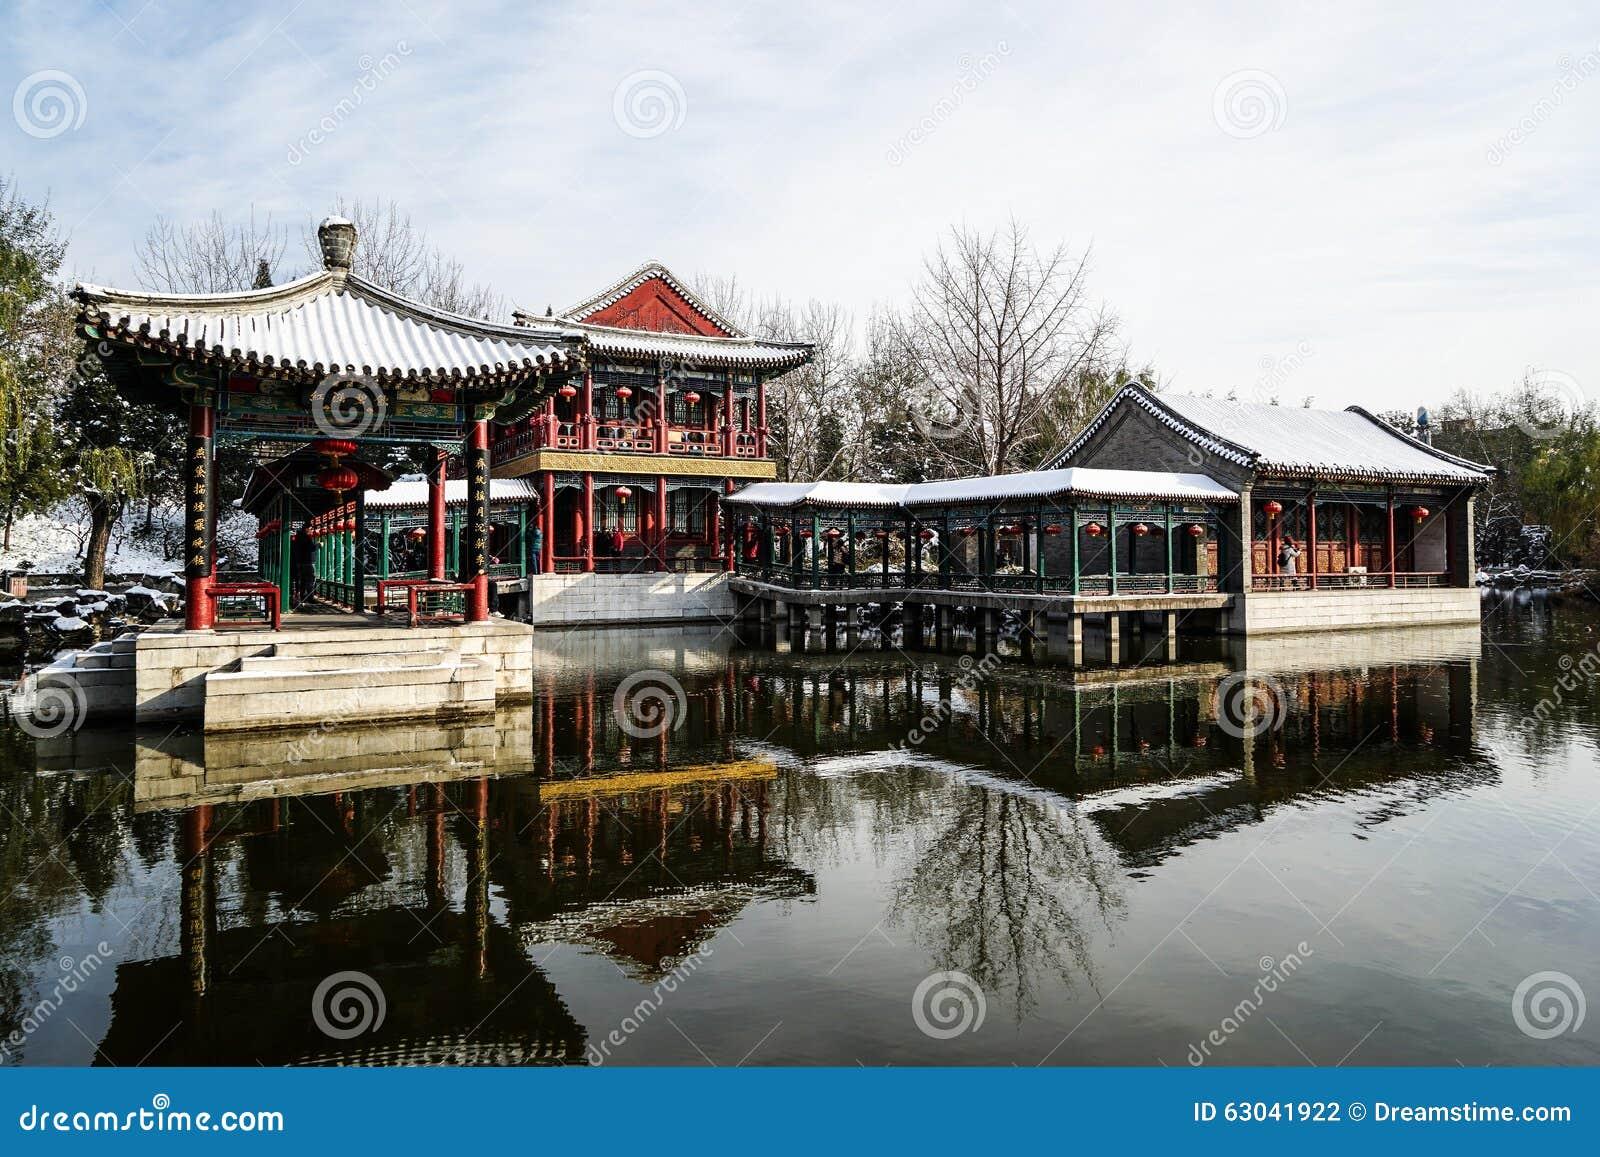 Historischer garten von peking china im winter for Grosartig grafgarten